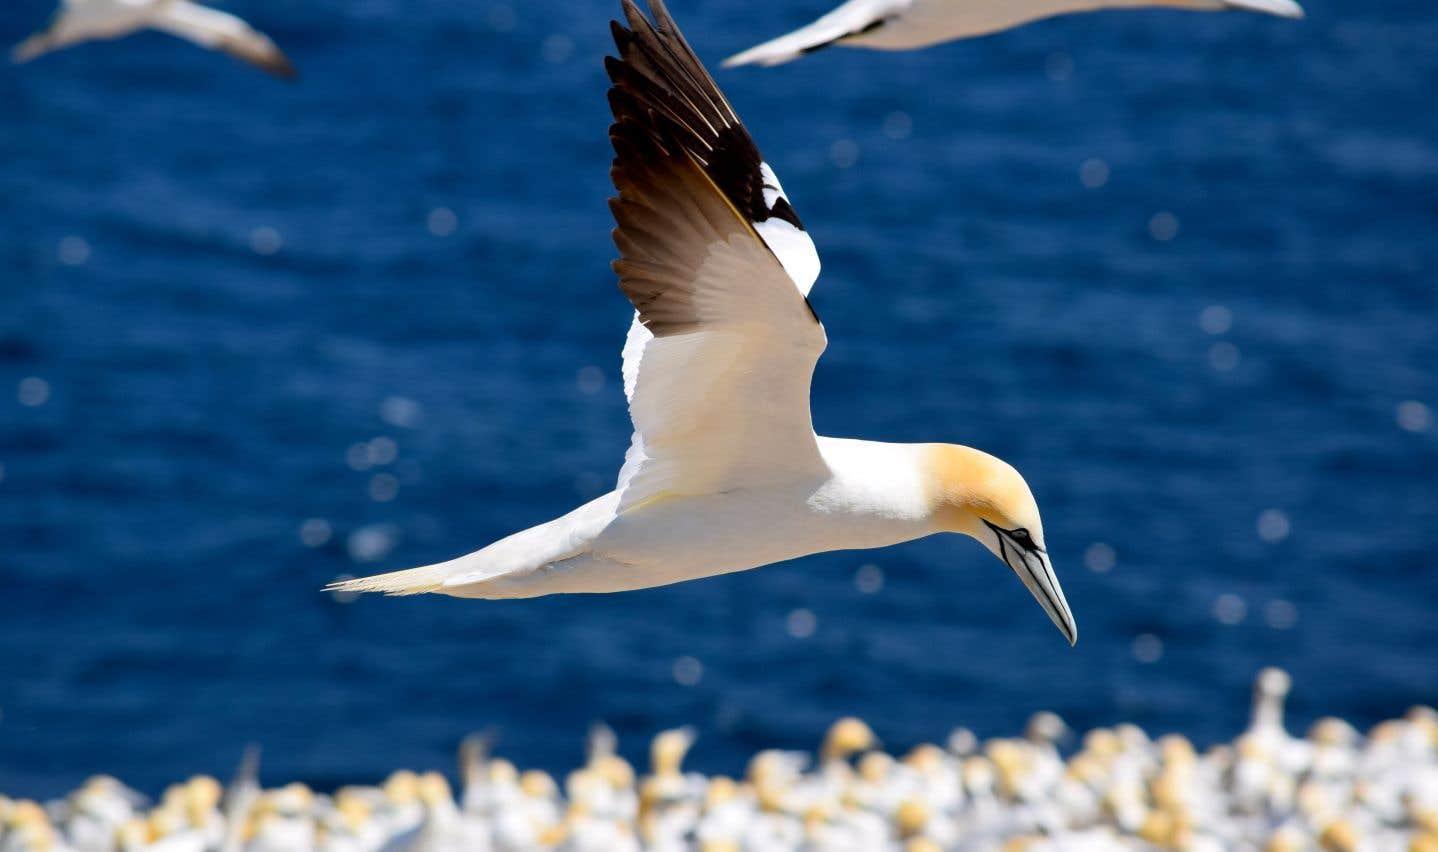 Près de 100 000 fous de Bassan nichent chaque année sur l'île Bonaventure, au large de Percé.